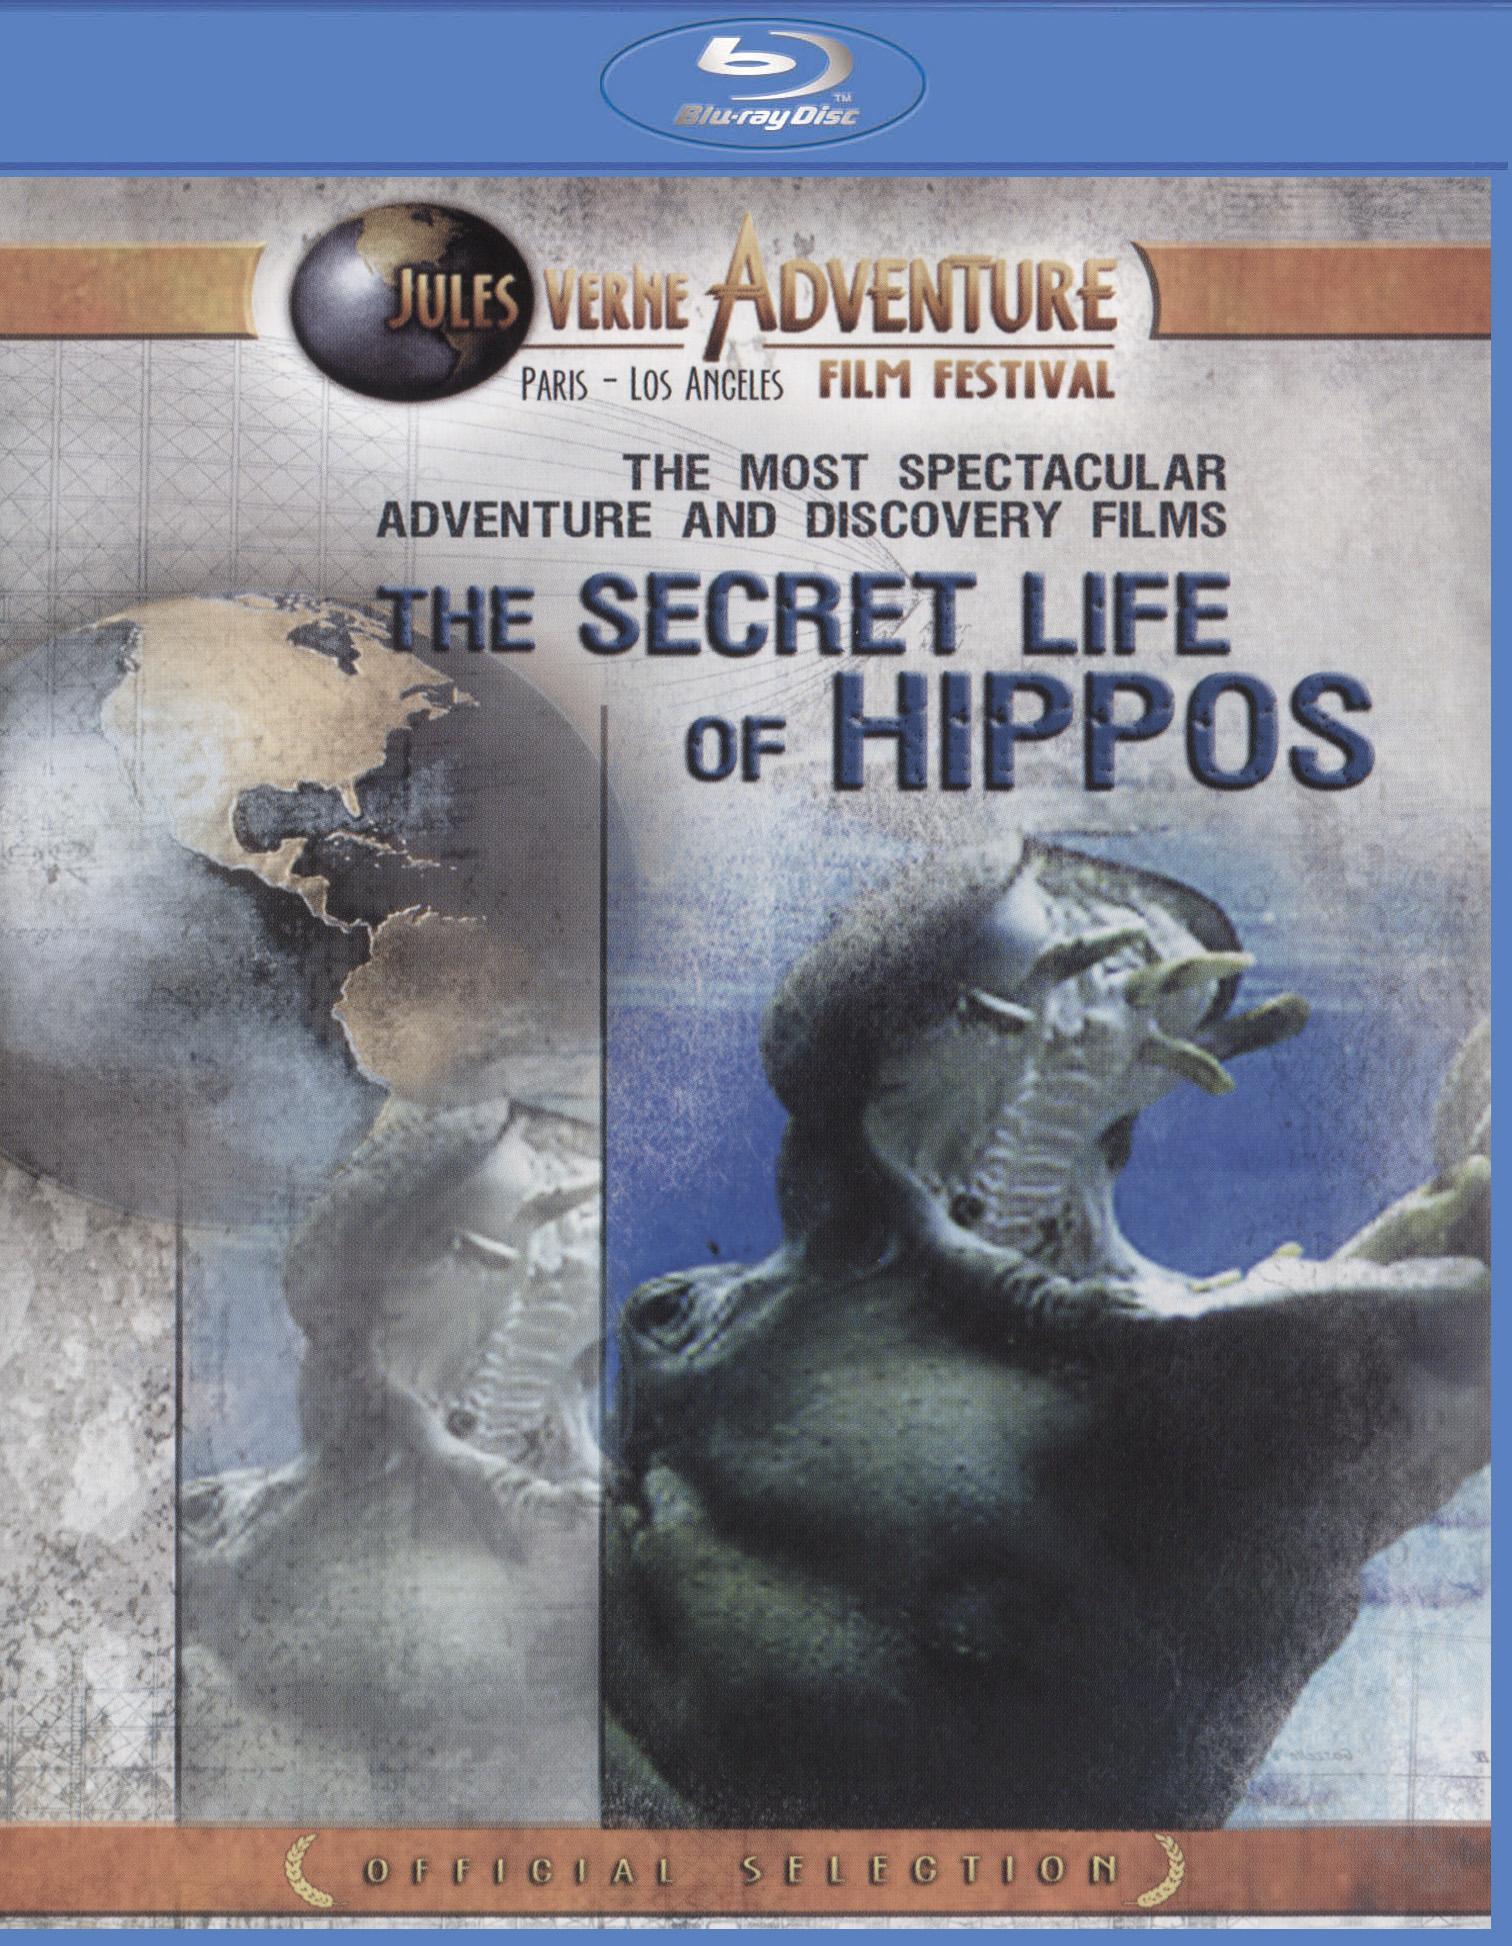 The Secret Life of Hippos